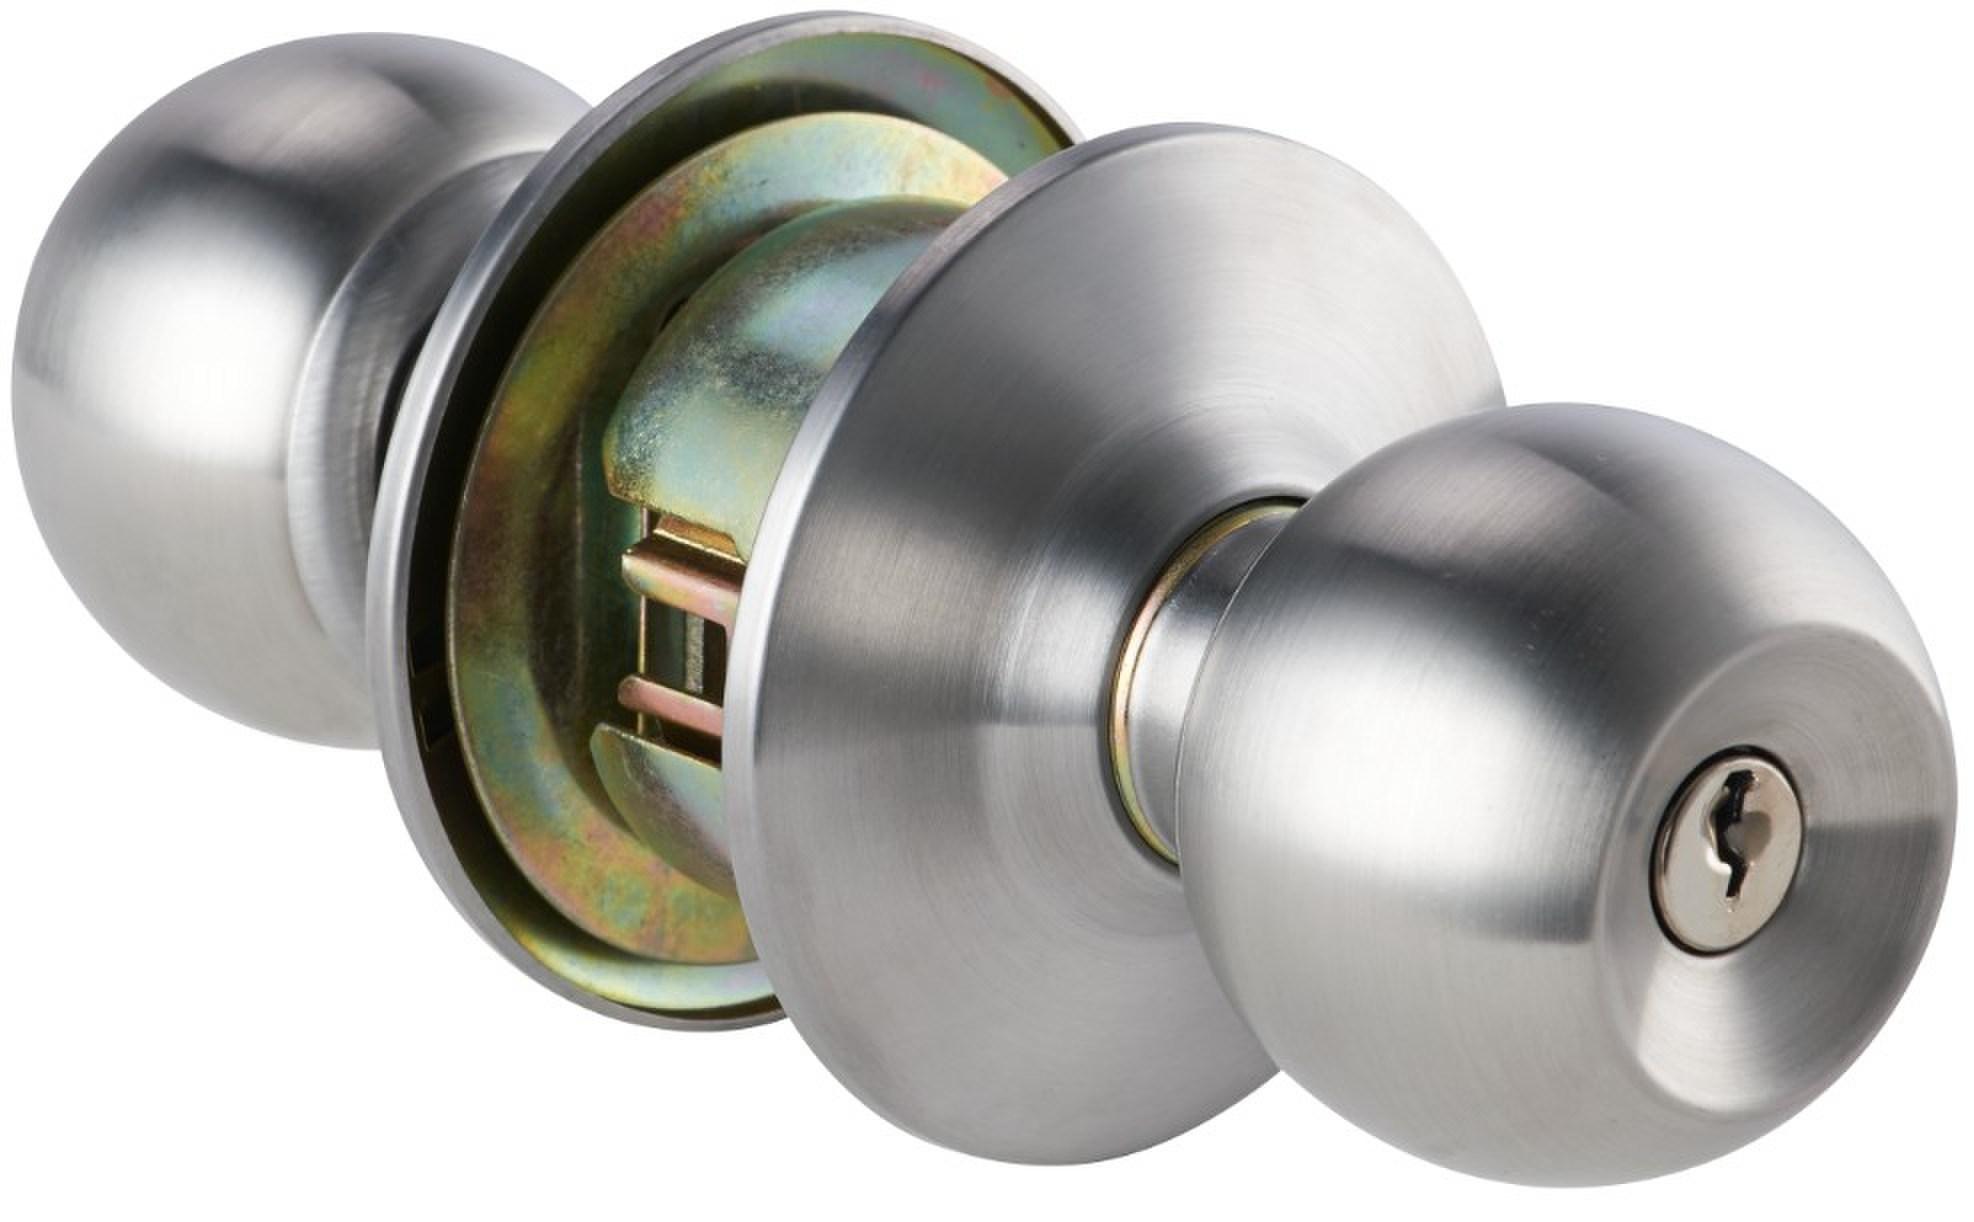 serrure de porte cylindrique tubulaire de bouton 587 serrure de porte cylindrique tubulaire. Black Bedroom Furniture Sets. Home Design Ideas